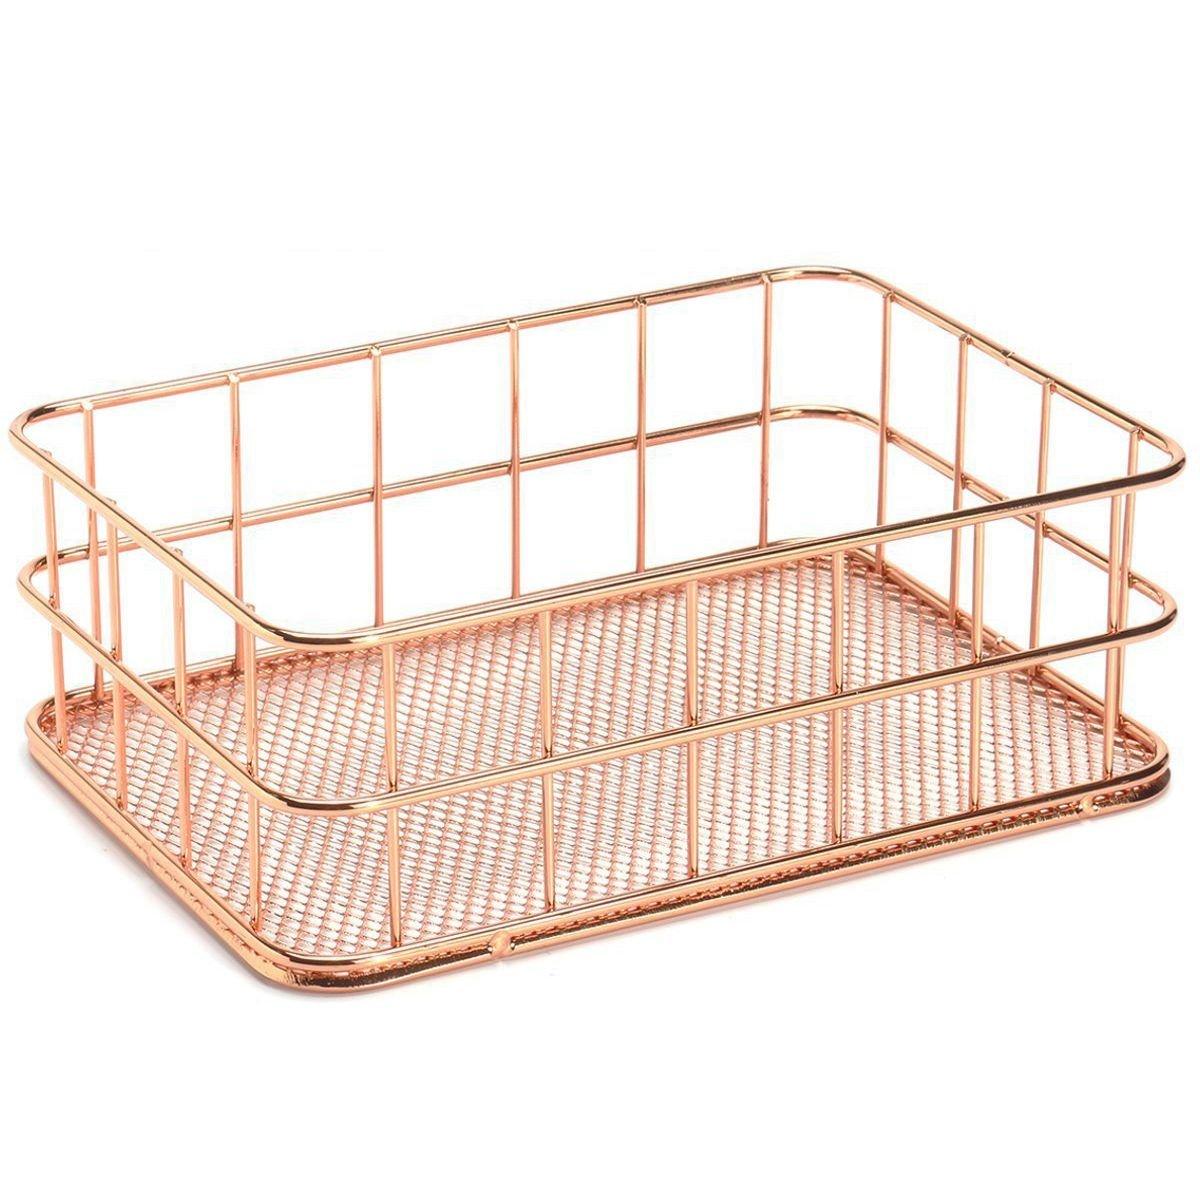 SODIAL Storage Basket metal Wire Bathroom Shelves Makeup Organiser Rose Gold Brush Pen Holder Wire Mesh Bathroom Toiletries Storage Basket